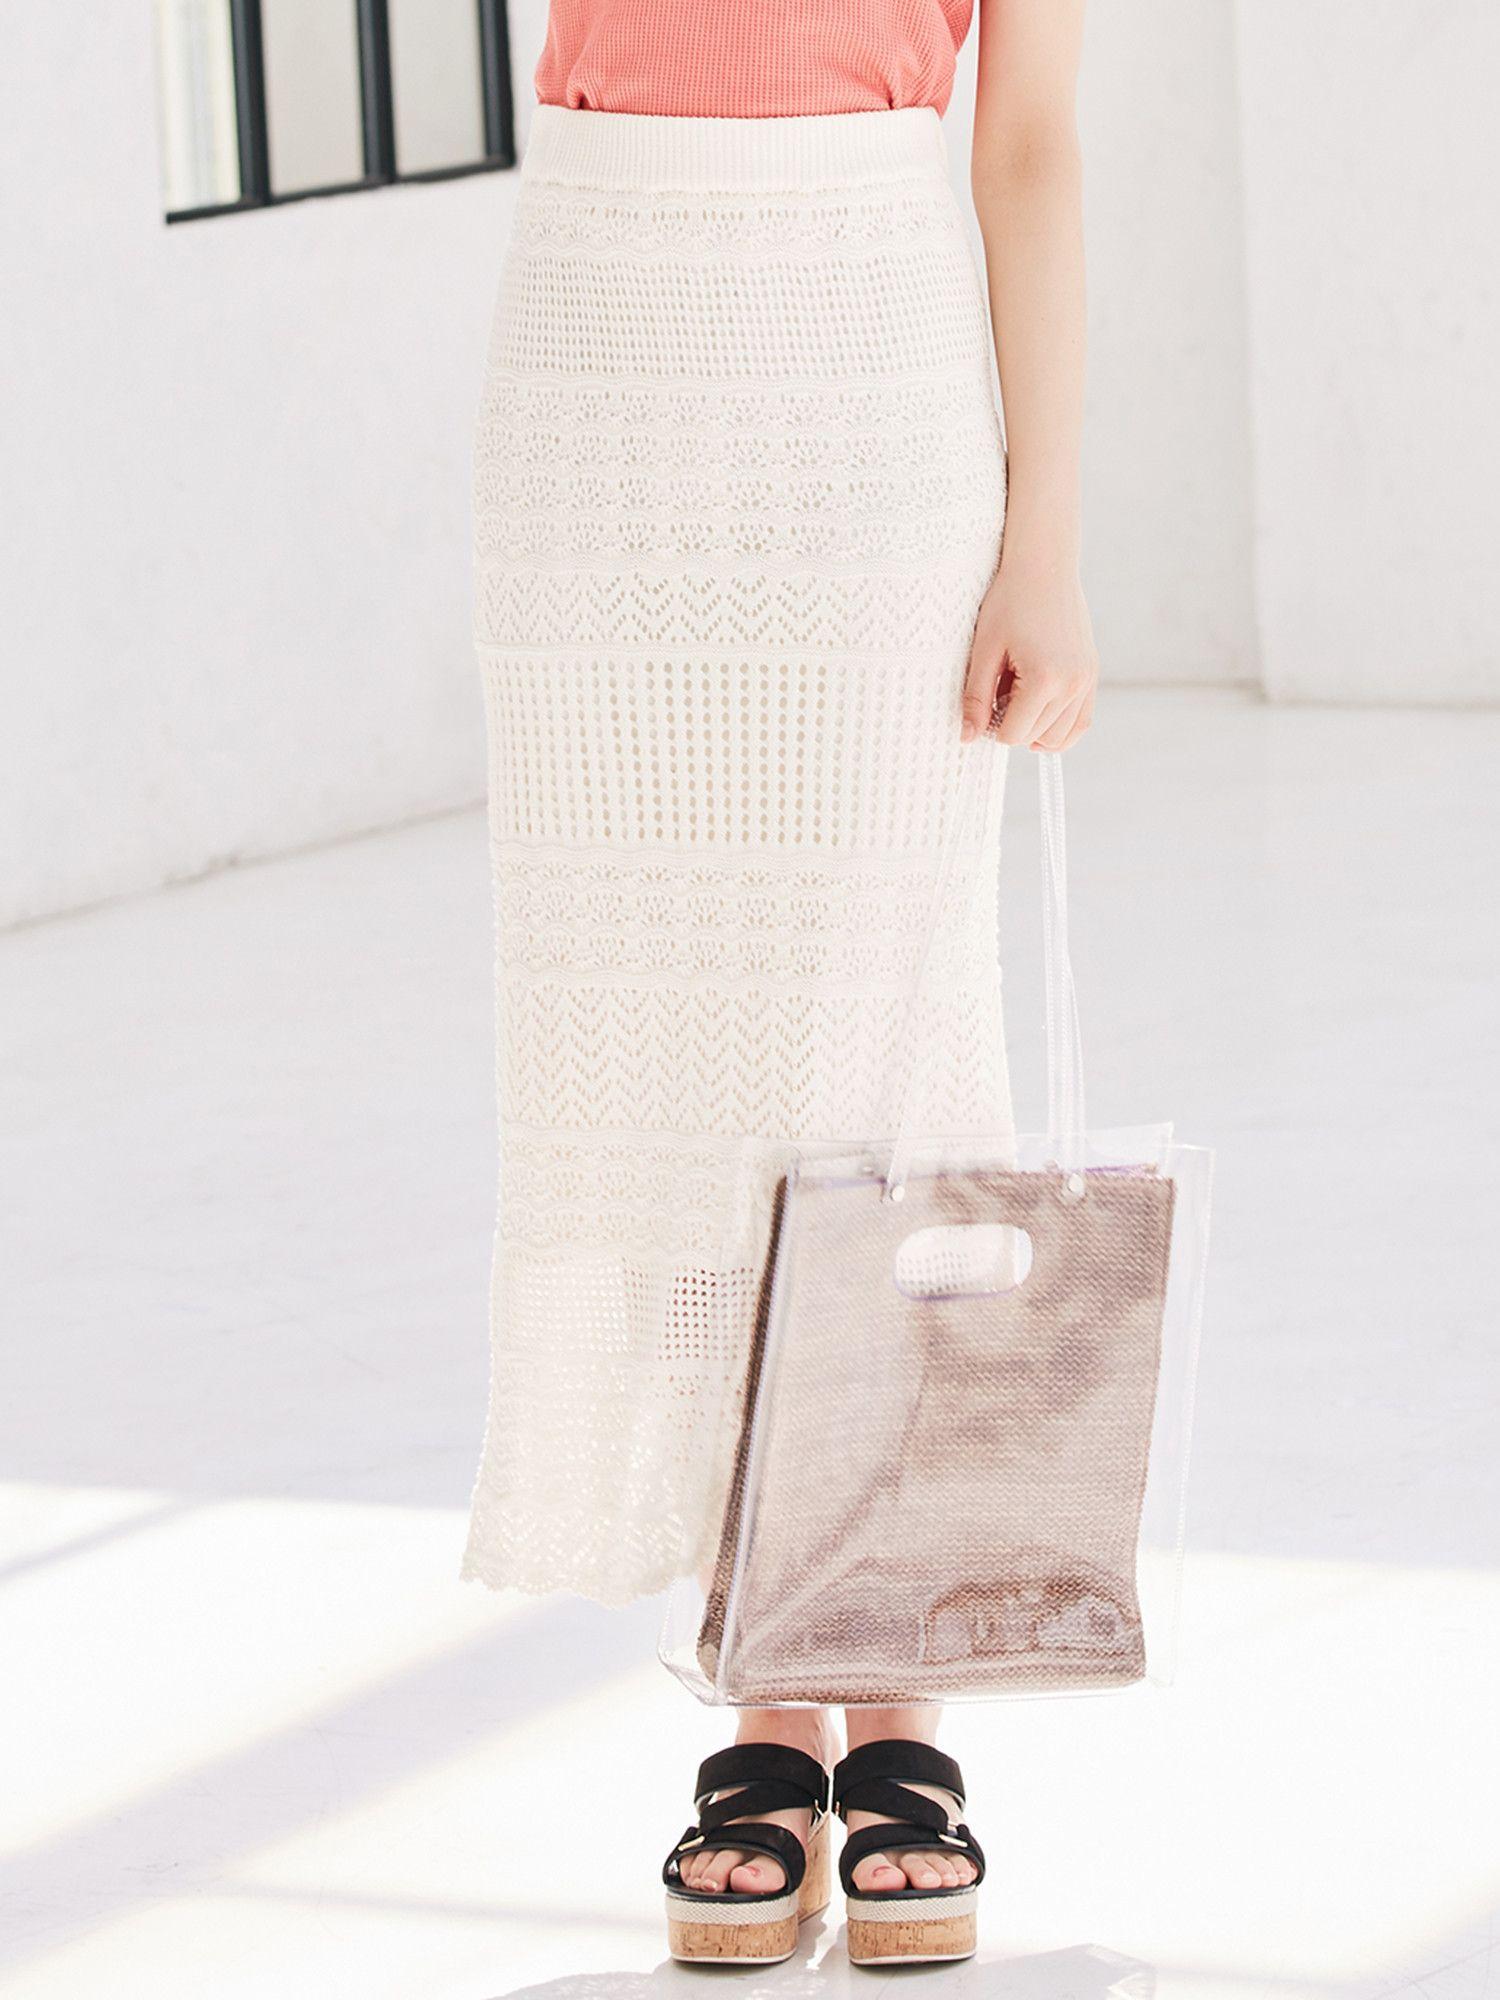 钩针编织紧身裙